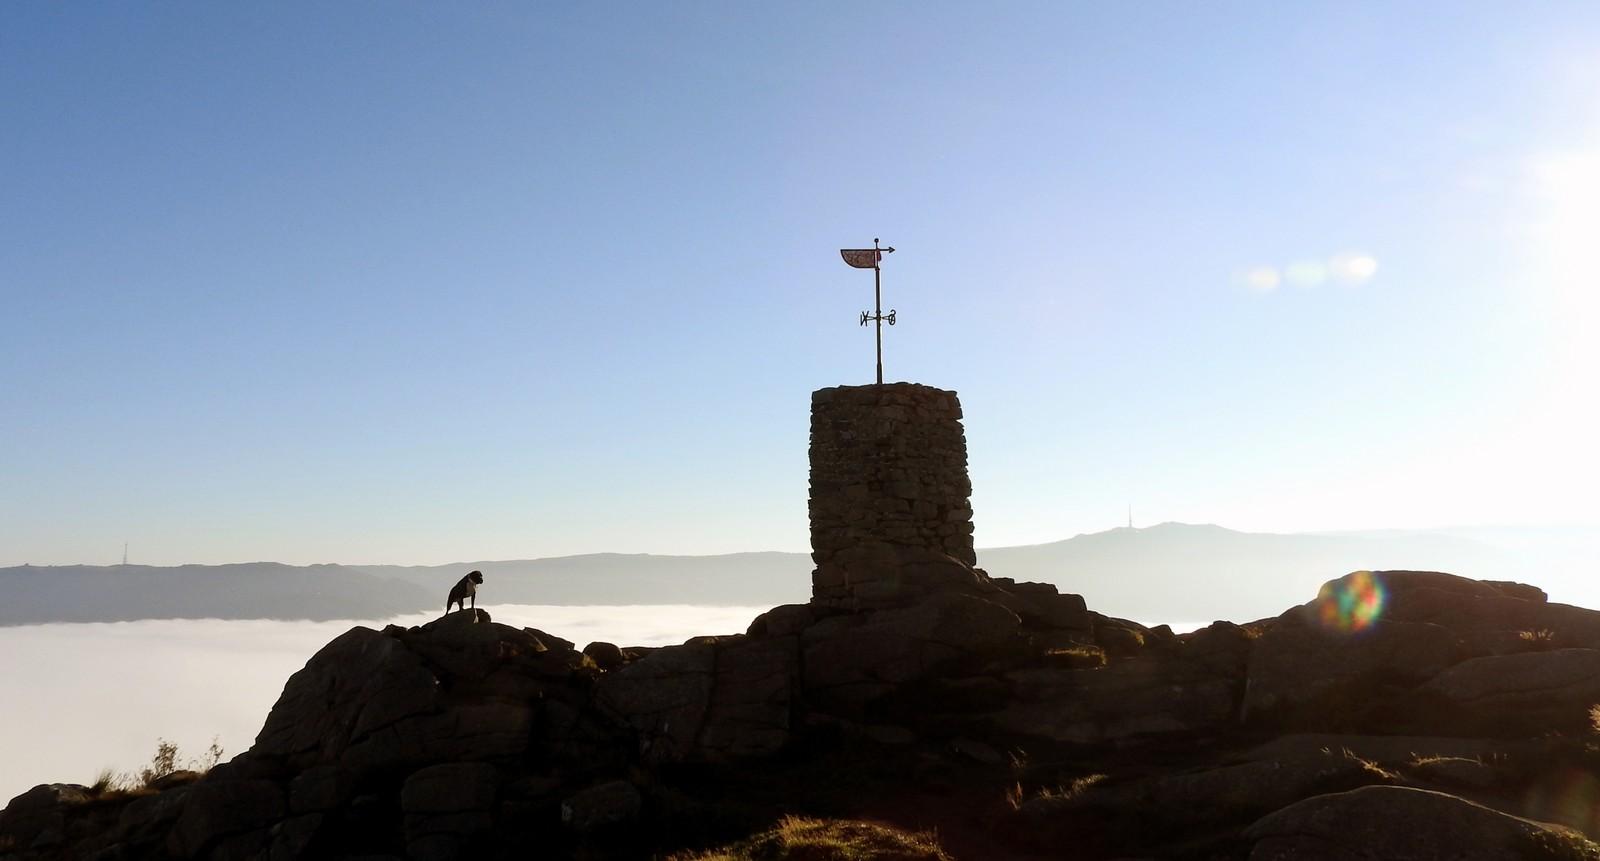 UTSIKT: Mens byen lå innhyllet i tykk havtåke, var det fri utsikt mot Rundemanen og Ulriken.